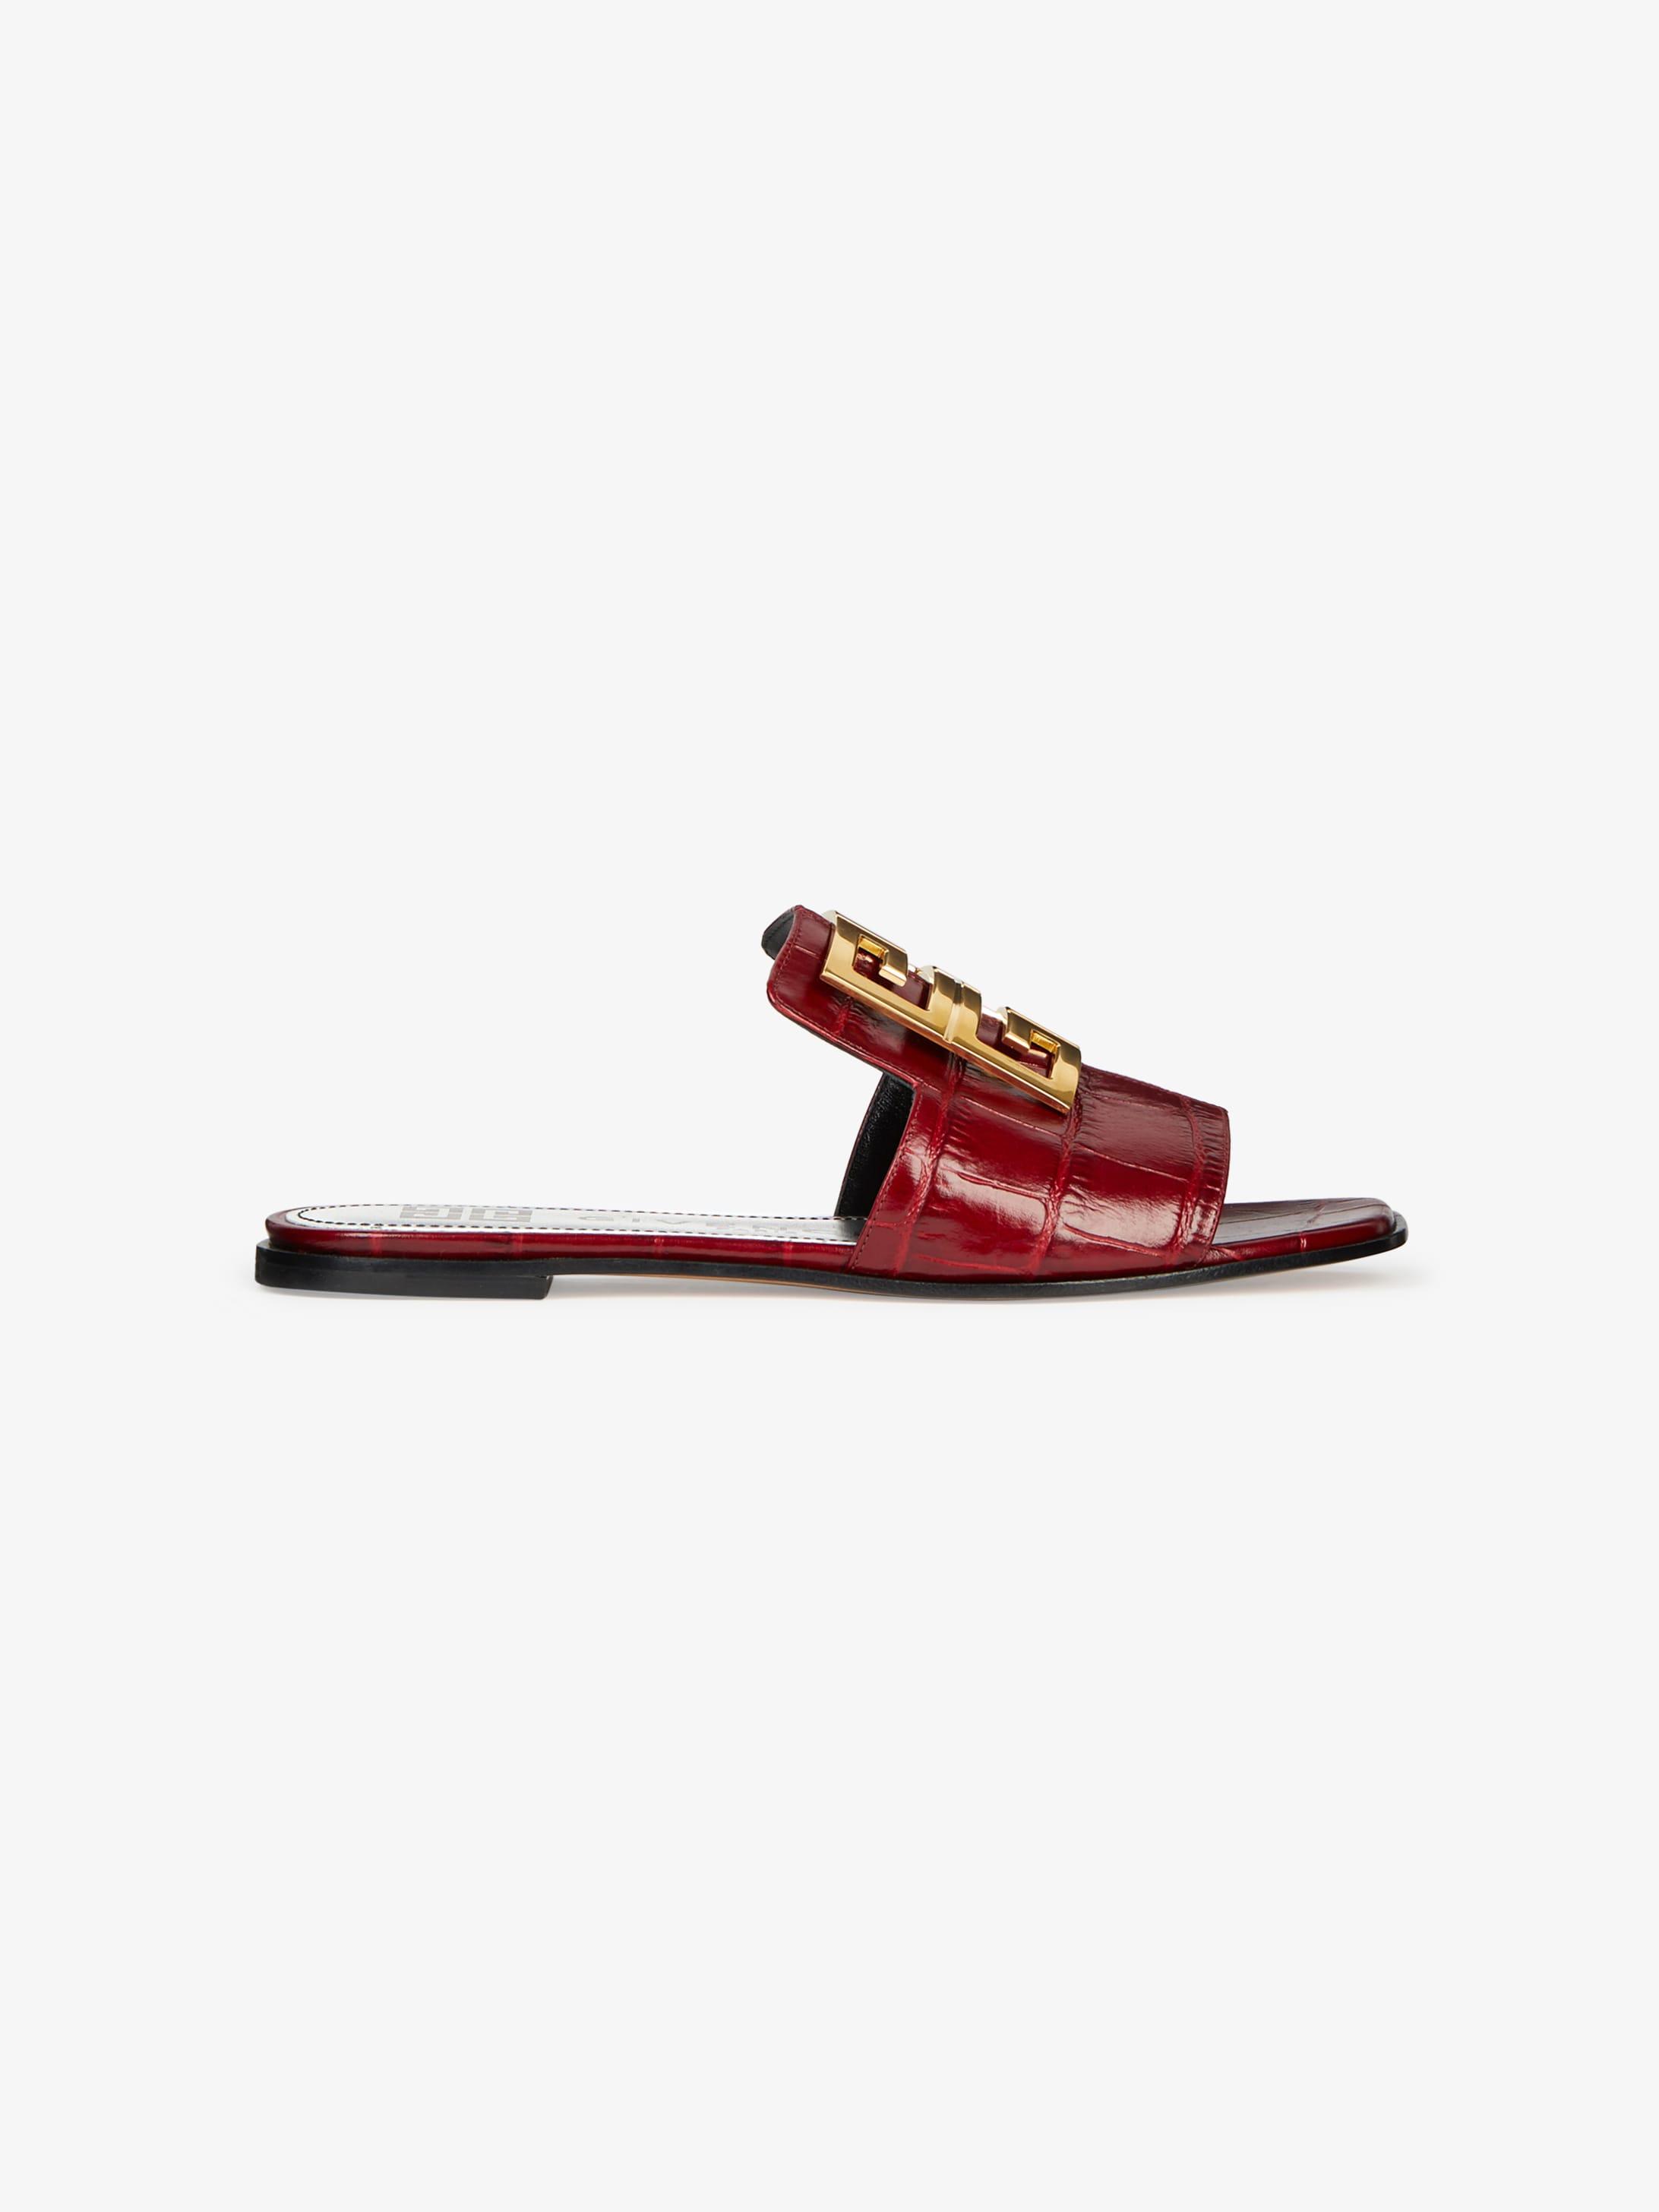 4G LOGO鳄鱼纹效果皮革凉鞋